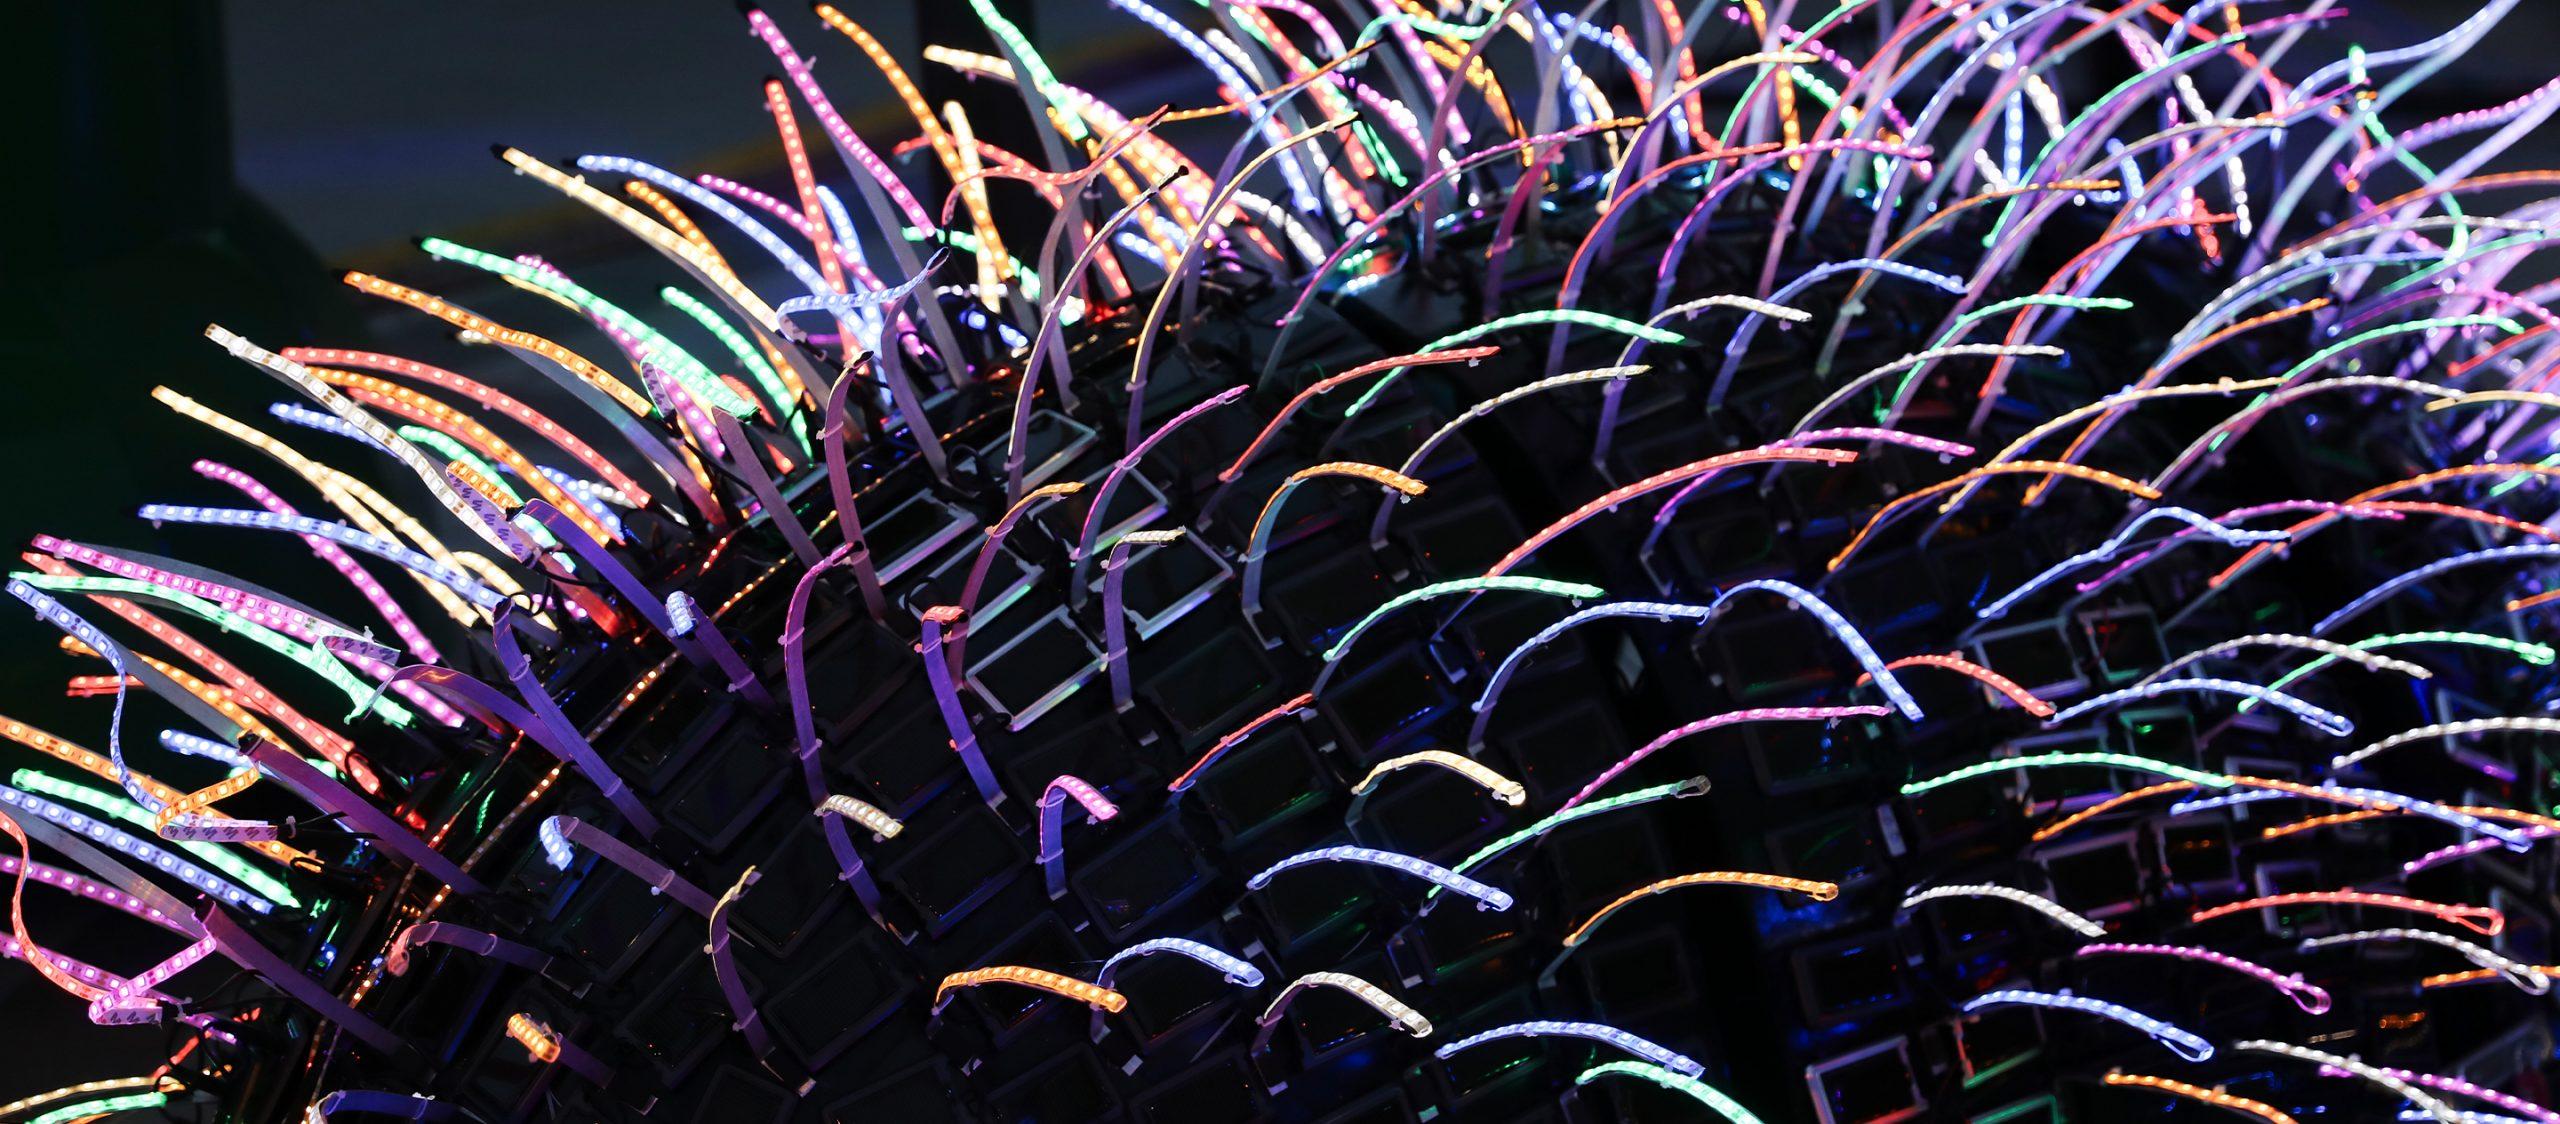 ตามไปดู 'จรัส Light Fest' เทศกาลกลางแจ้งที่หยิบแสงอาทิตย์มาสร้างสรรค์เป็นงานศิลปะ